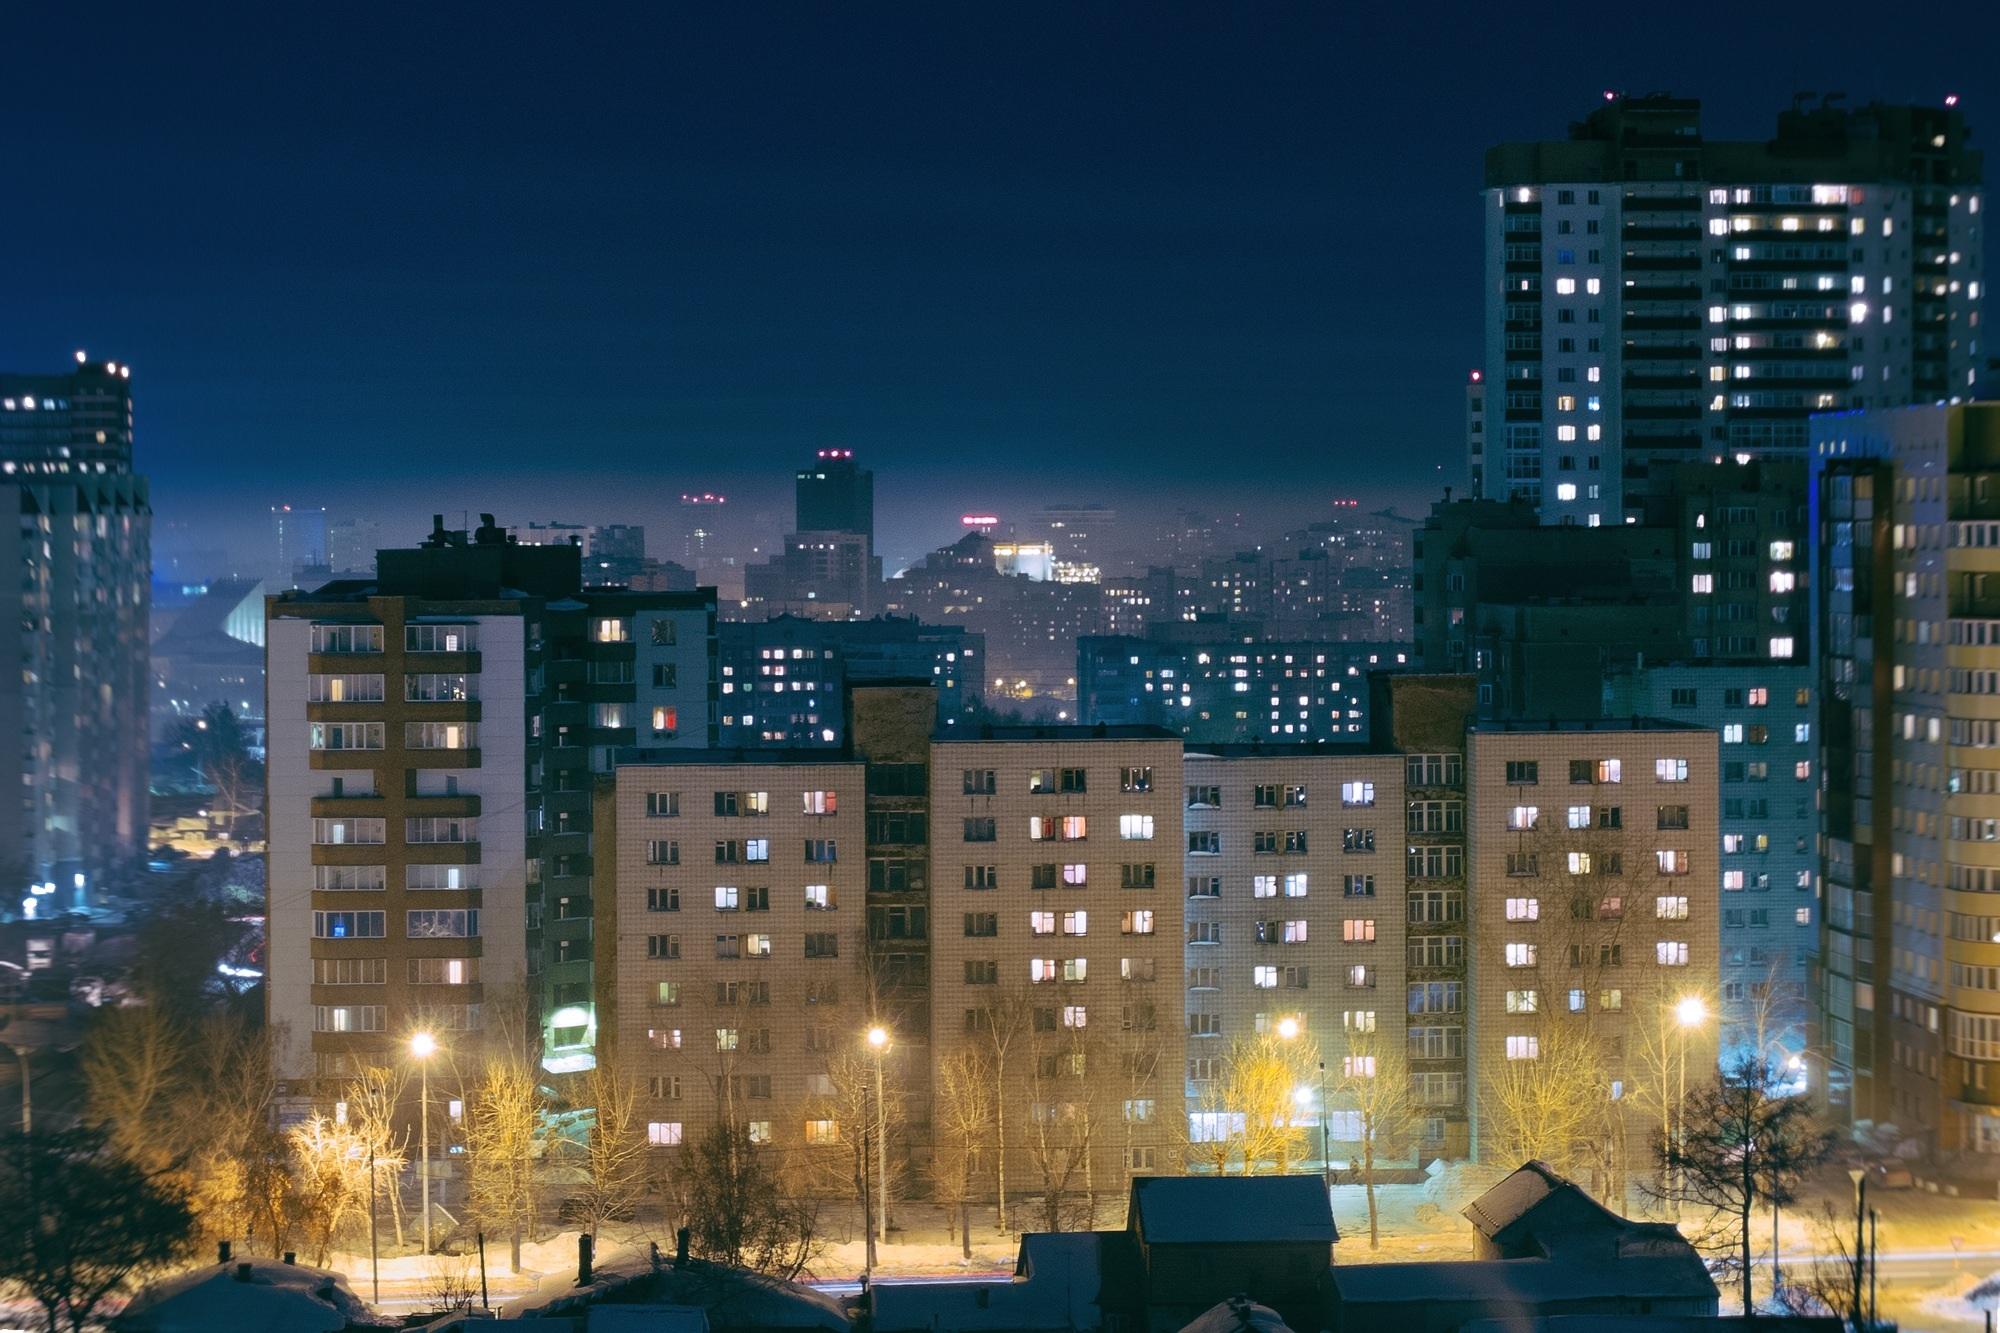 качестве картинки домов в городе ночью вялости или